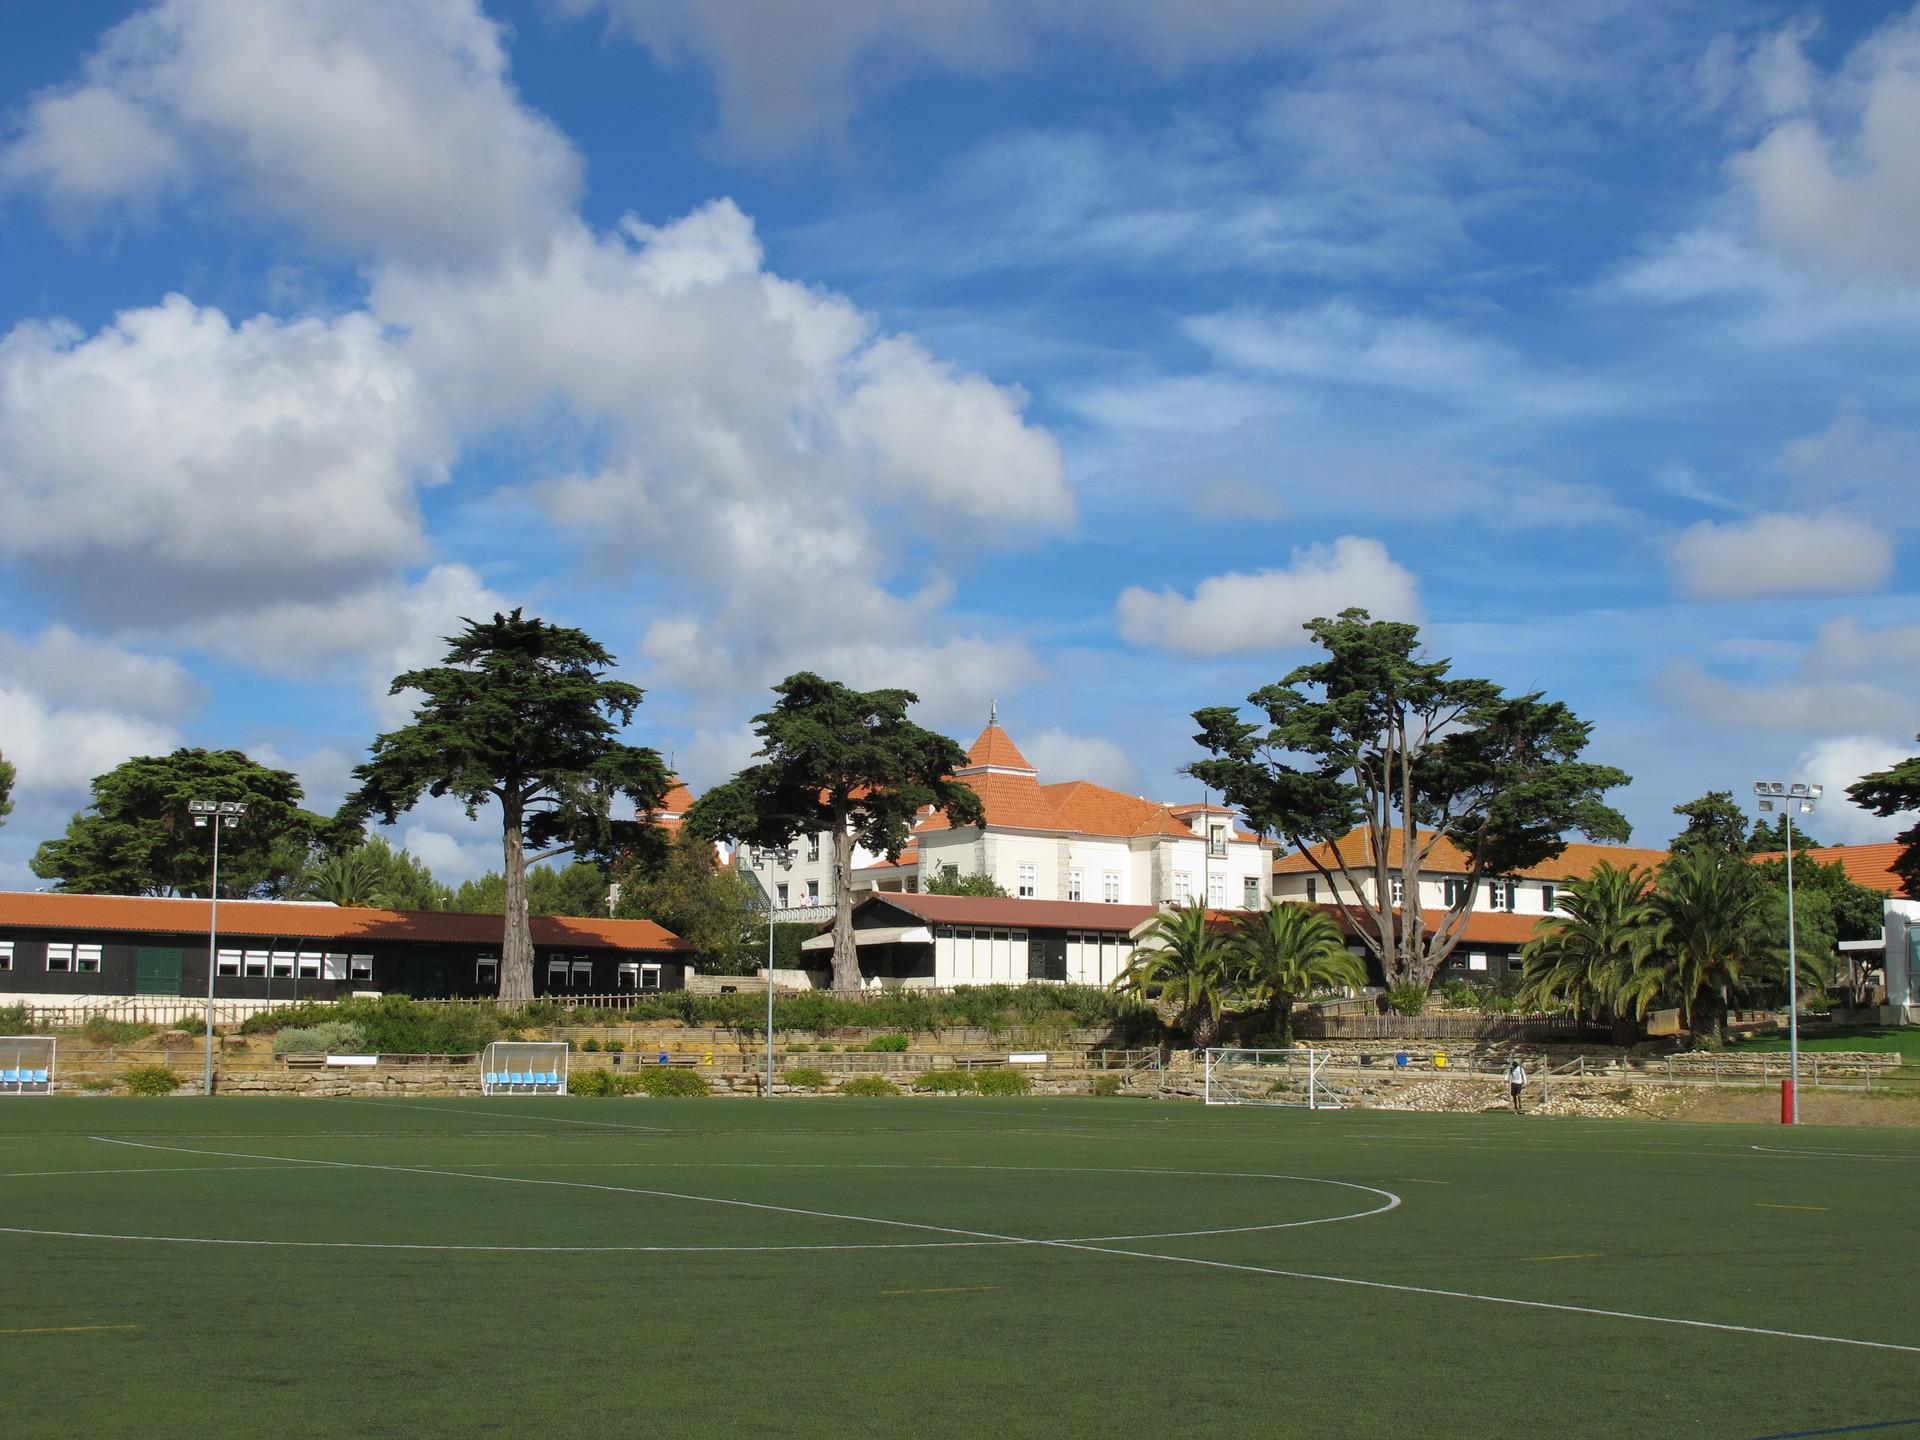 Groupe scolaire St. Julian depuis le terrain de football